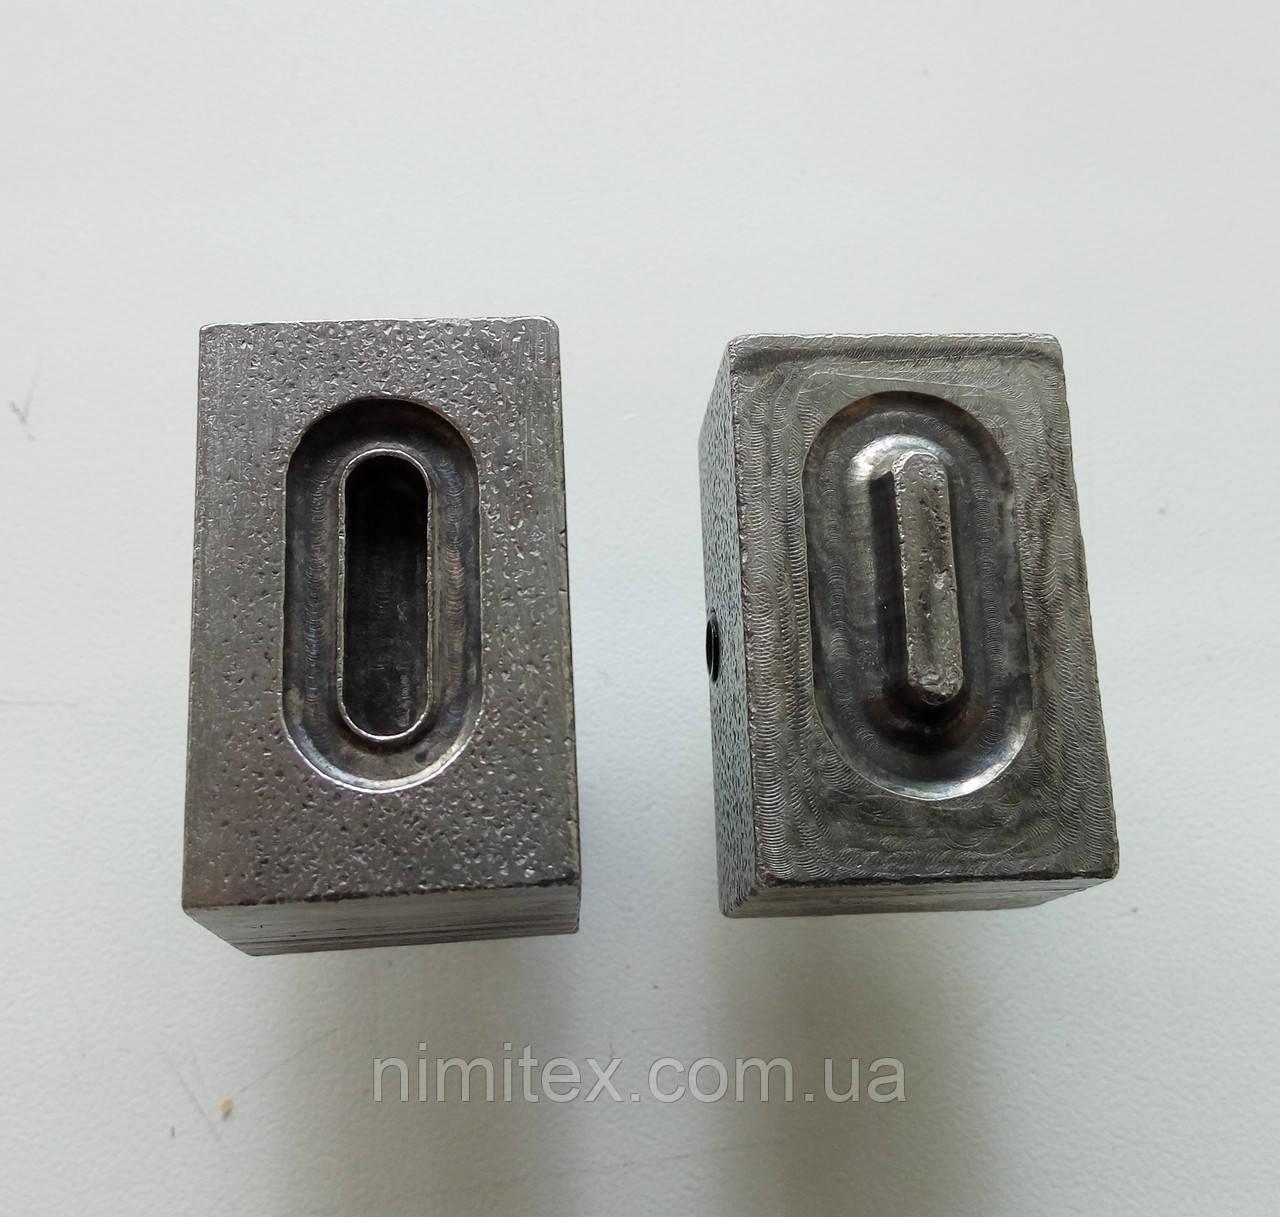 Матрица на люверс овальный 15 мм